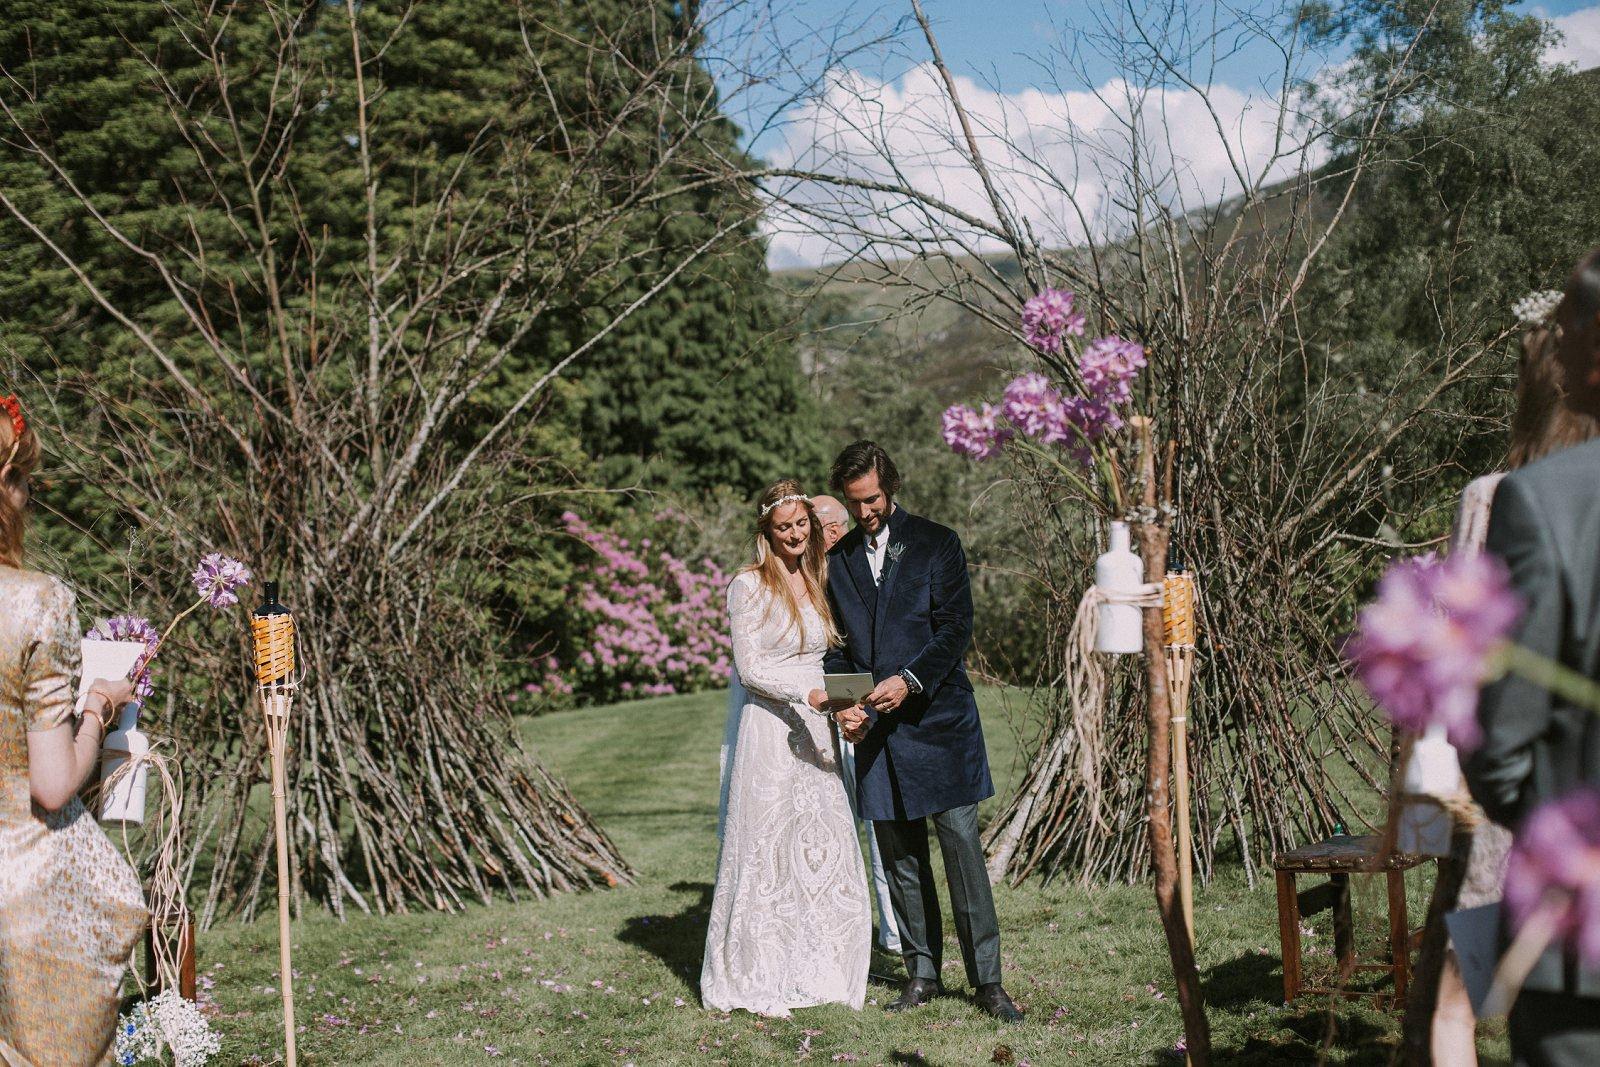 10-whimsical-boho-woodland-wedding-photography